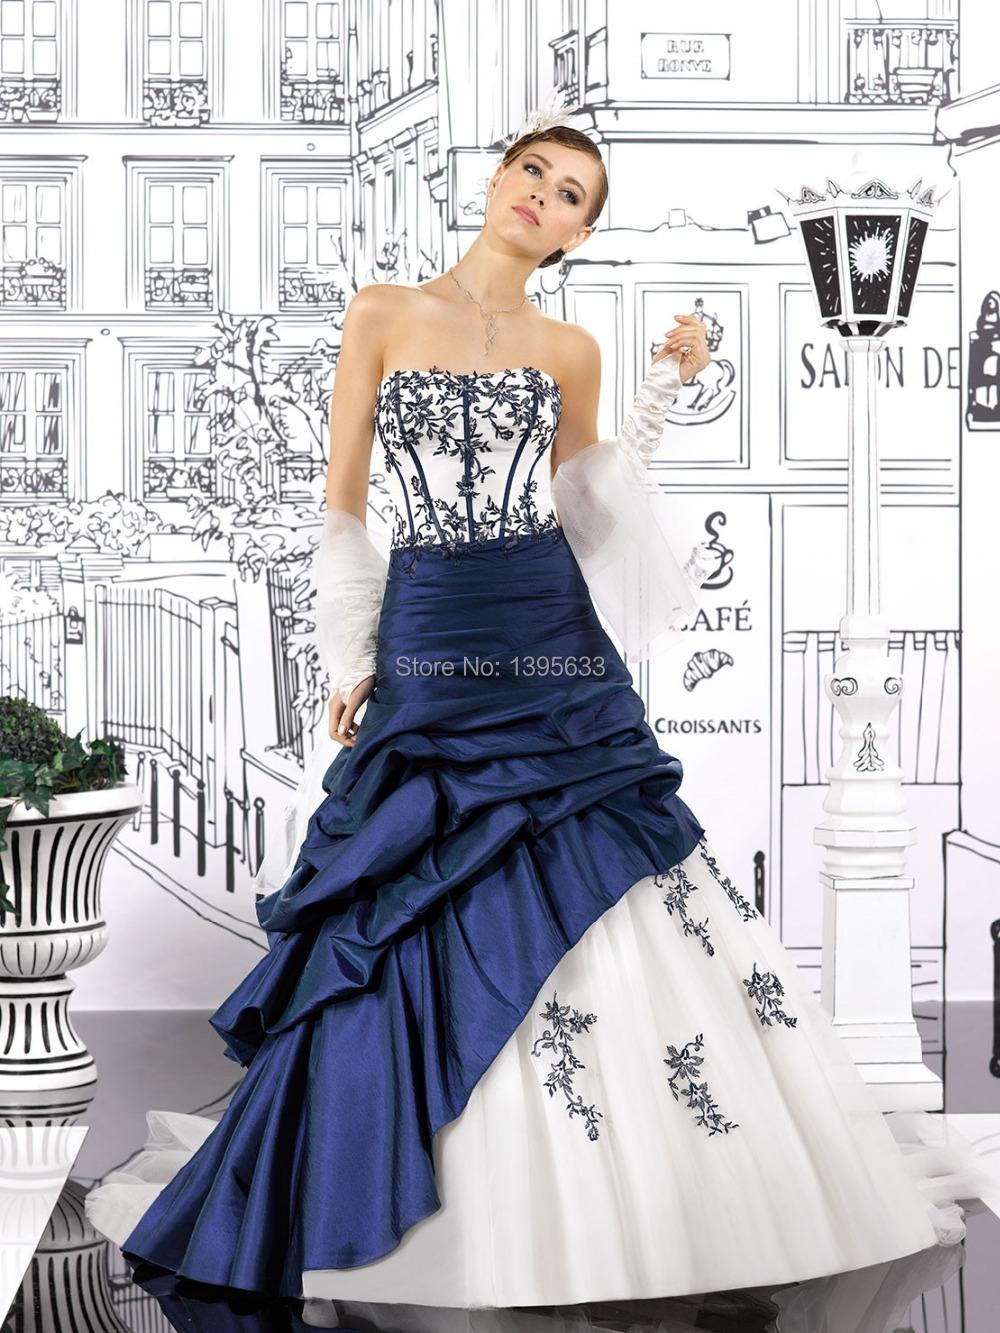 robe de mariee blanche et bleu roi robes la mode de. Black Bedroom Furniture Sets. Home Design Ideas